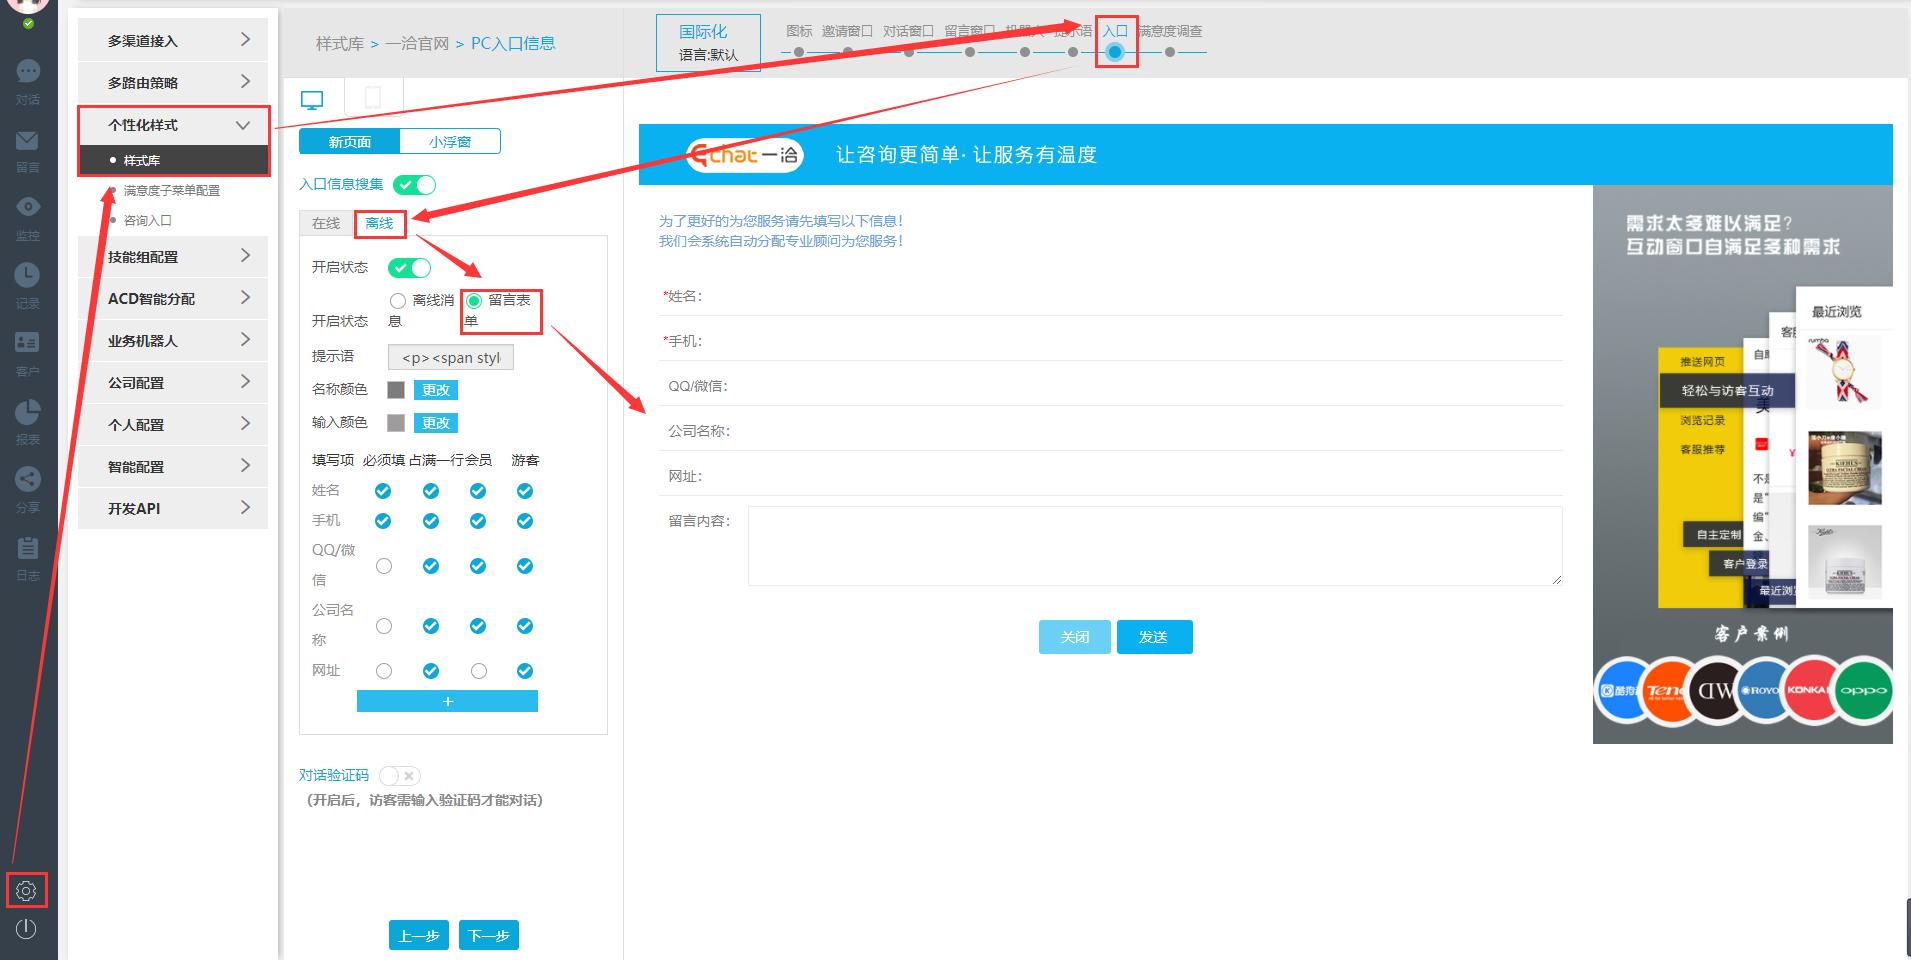 网站在线客服系统_网站客服系统的留言机制有哪些?_在线客服系统_一洽客服